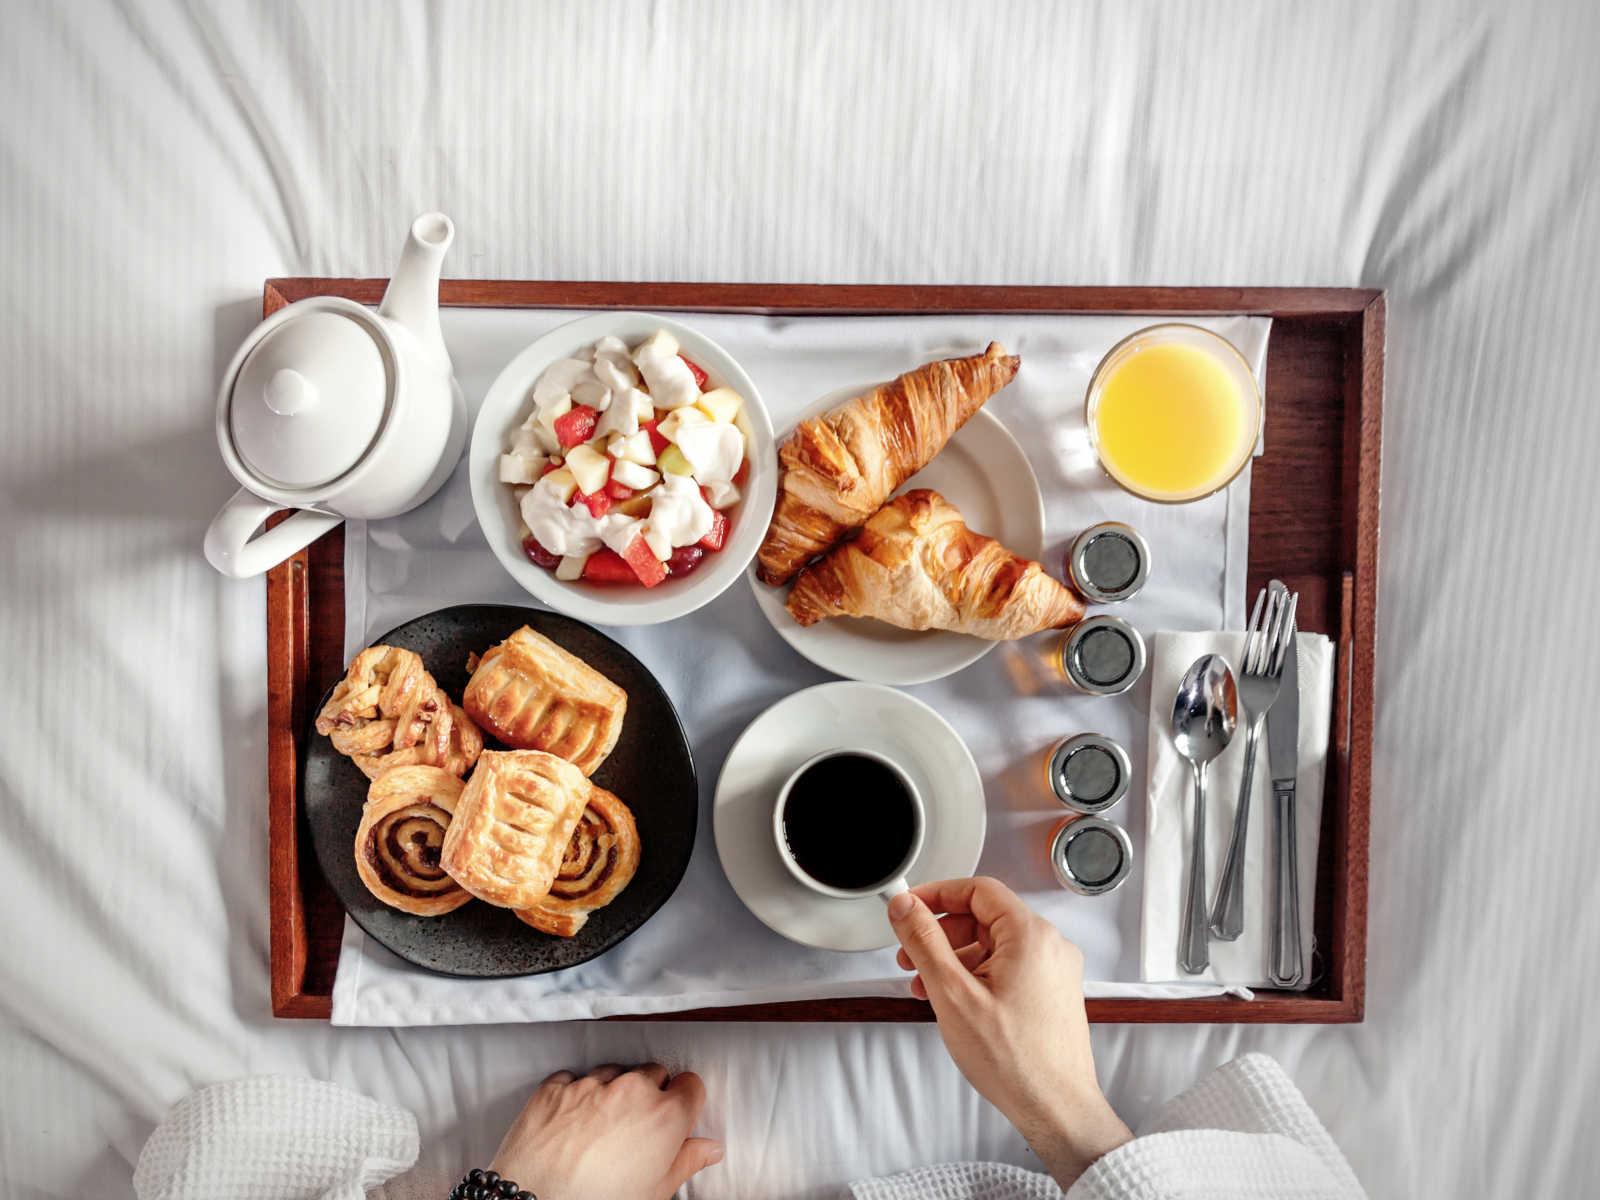 Tablet mit Kaffee, Croissants, Früchten